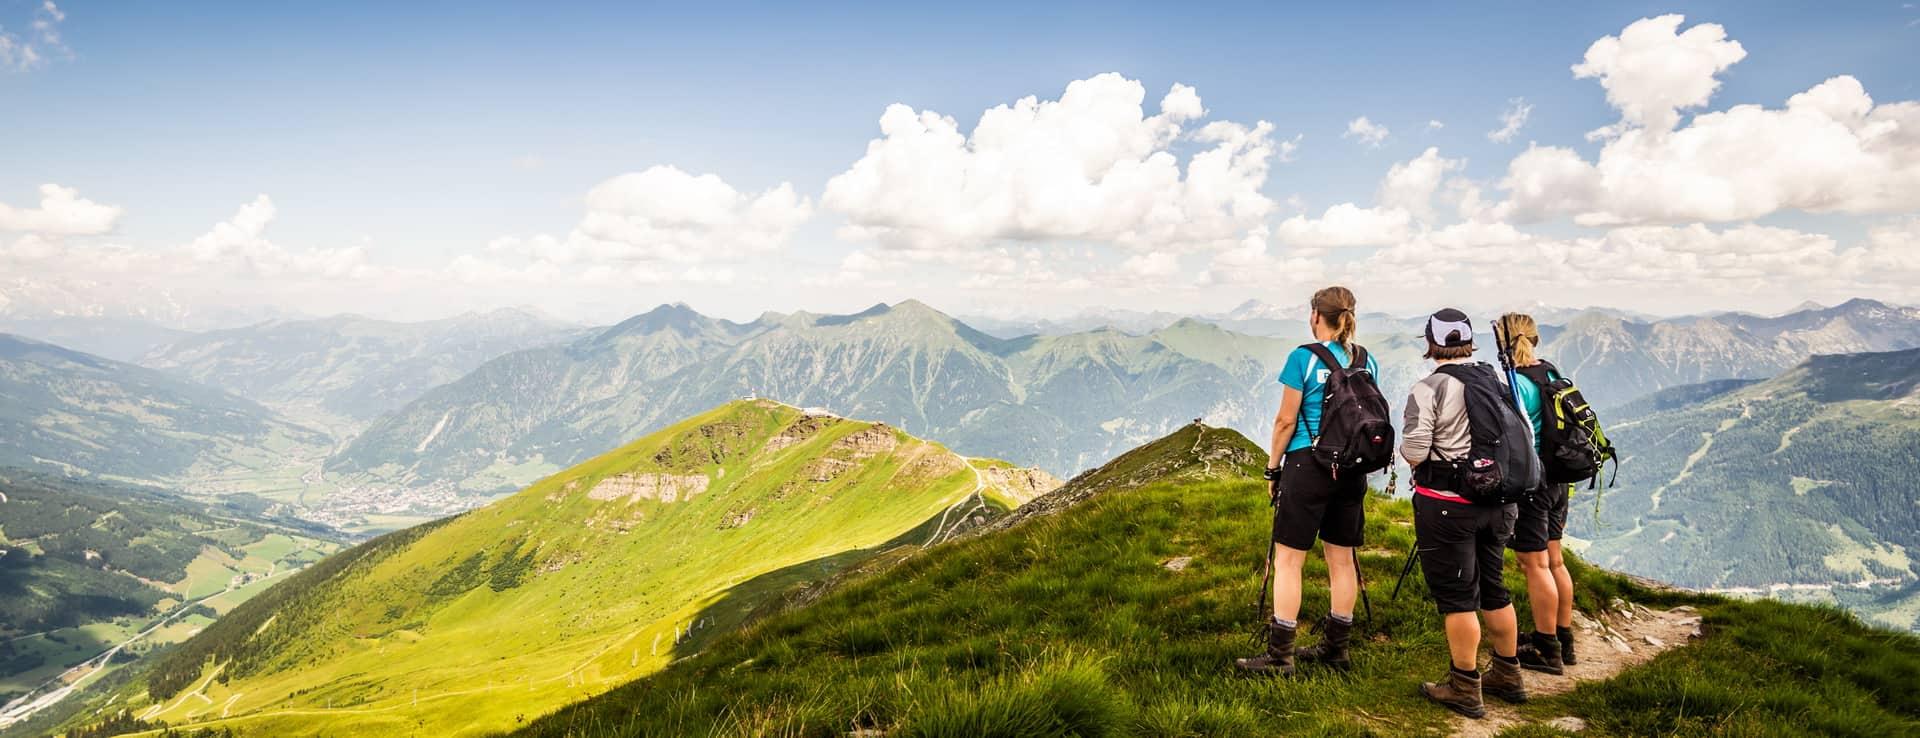 Utsikt över Gasteinerdalen Gasteinertal Österrike